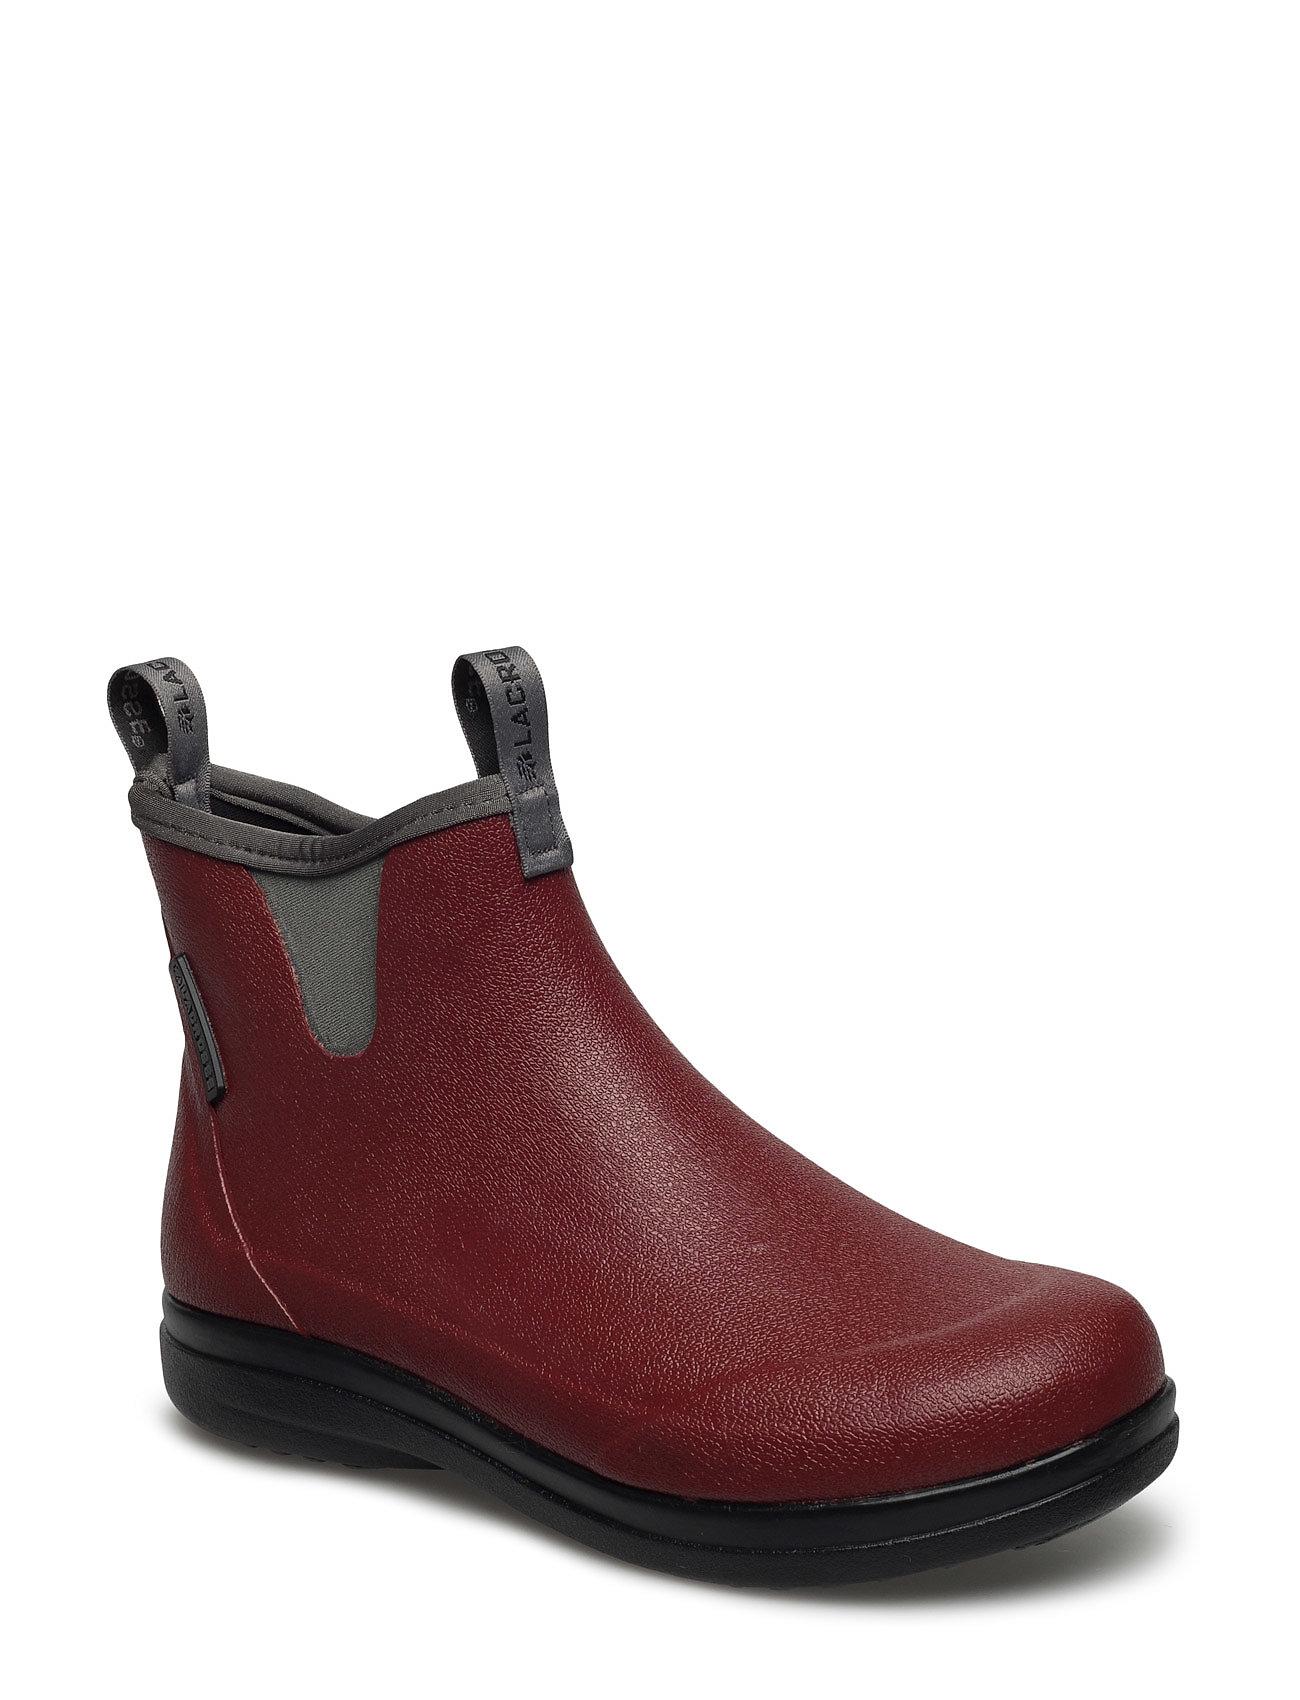 Hampton Ii Women'S 6 LaCrosse Støvler til Damer i Rød